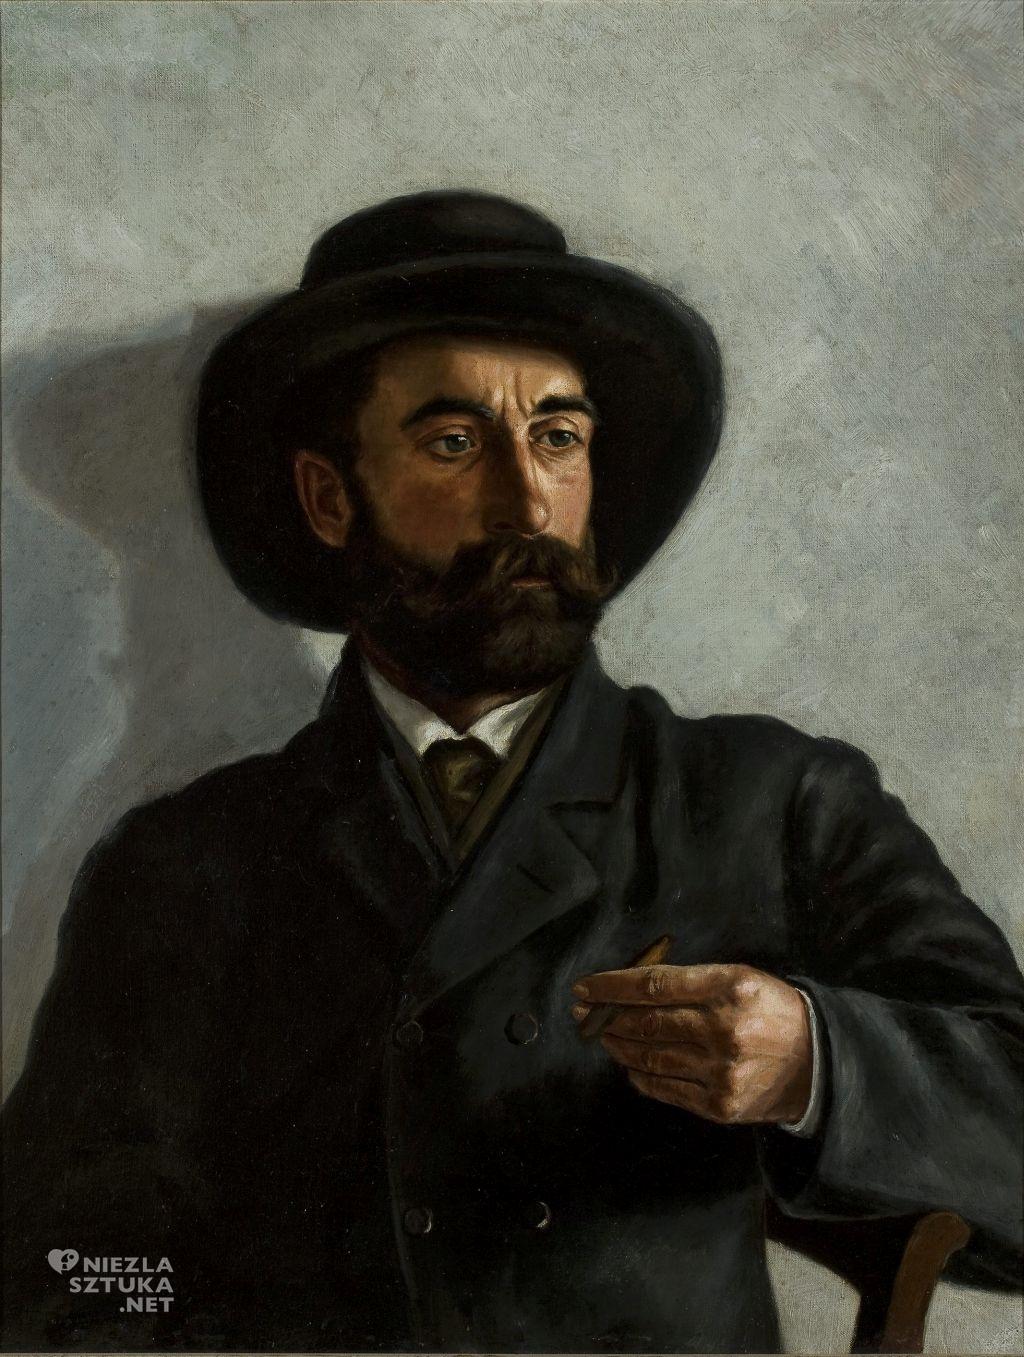 Stanisław Witkiewicz Autoportret niezła sztuka